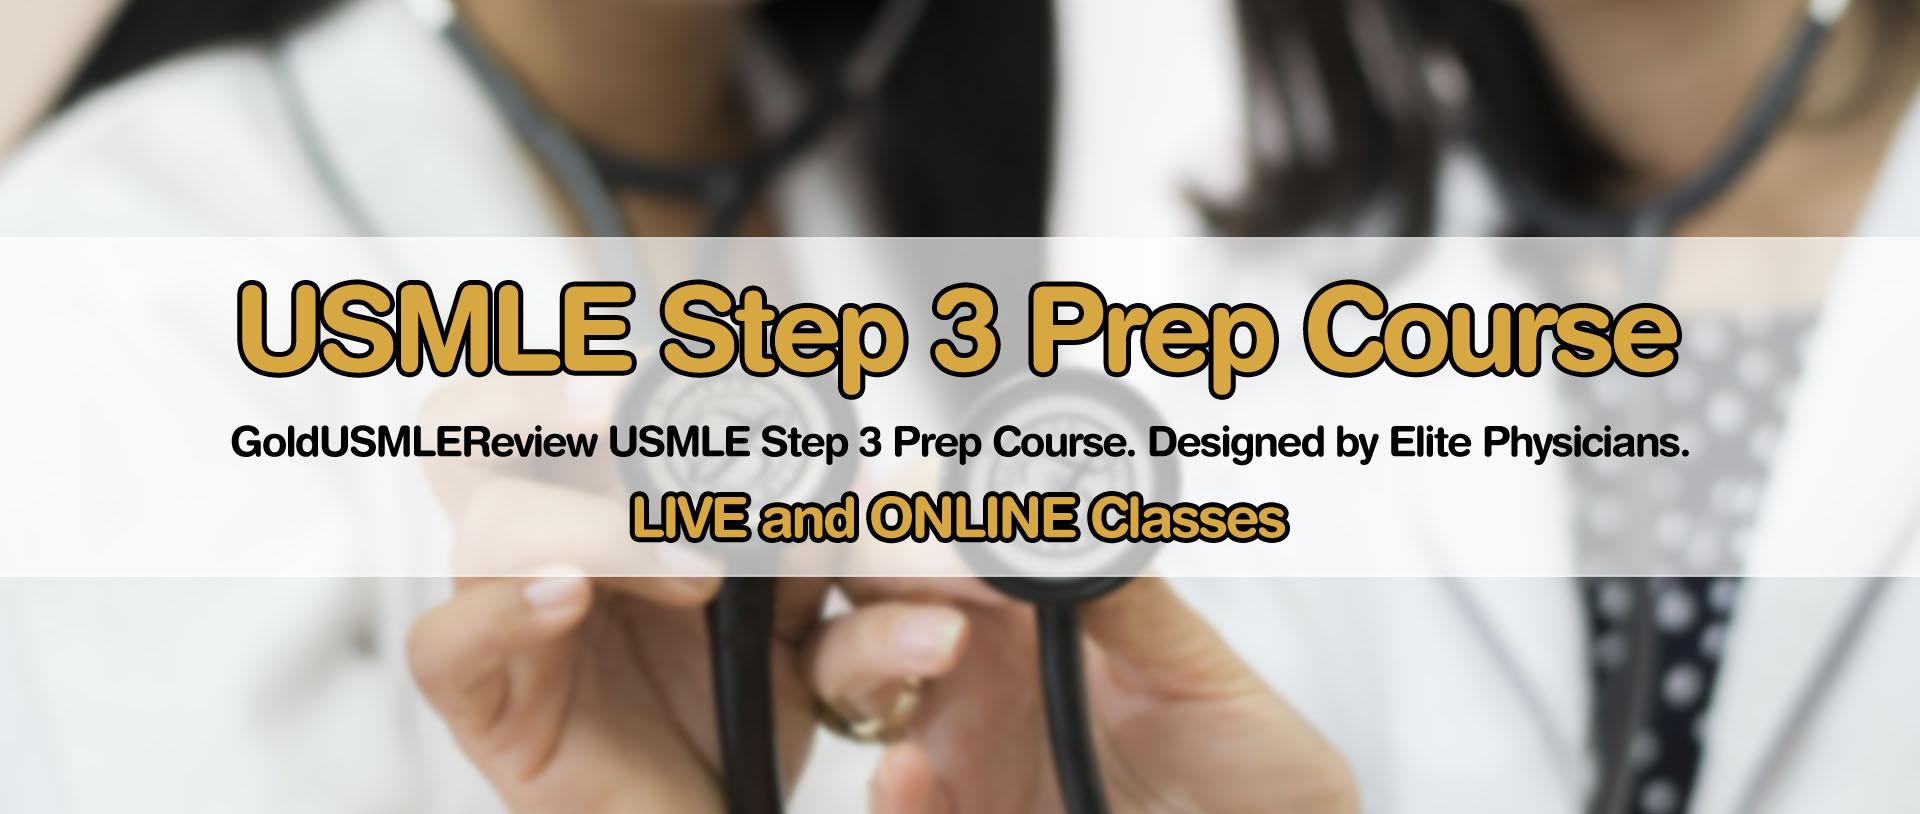 USMLE Step 3 Prep Course